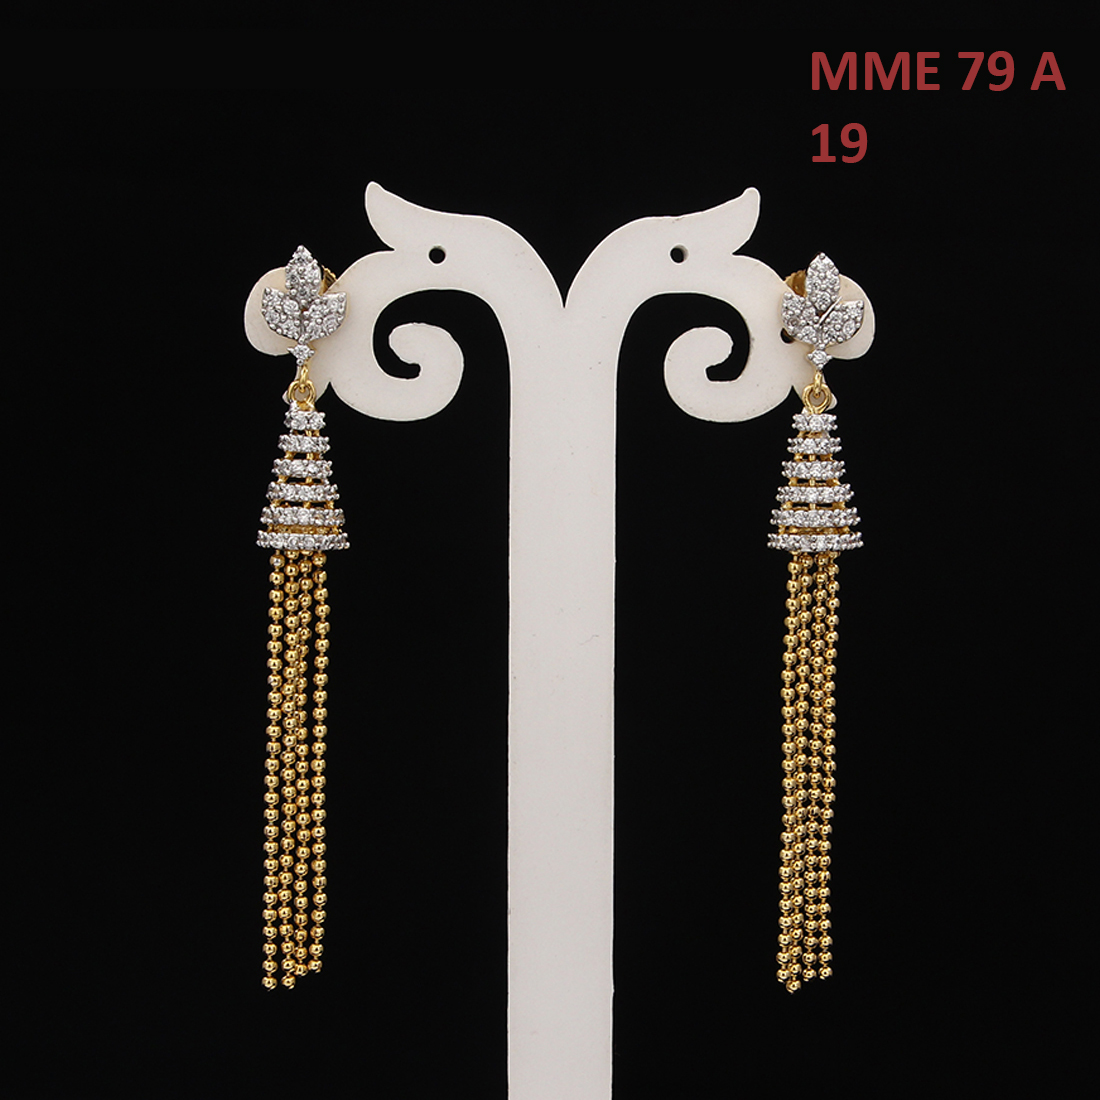 55Carat | Handmade Teardrop Earrings For Women Girls Ladies Cubic Zircon Gold Plated Baali Kundal Jewellery Fashion Jewellery MME 79 A